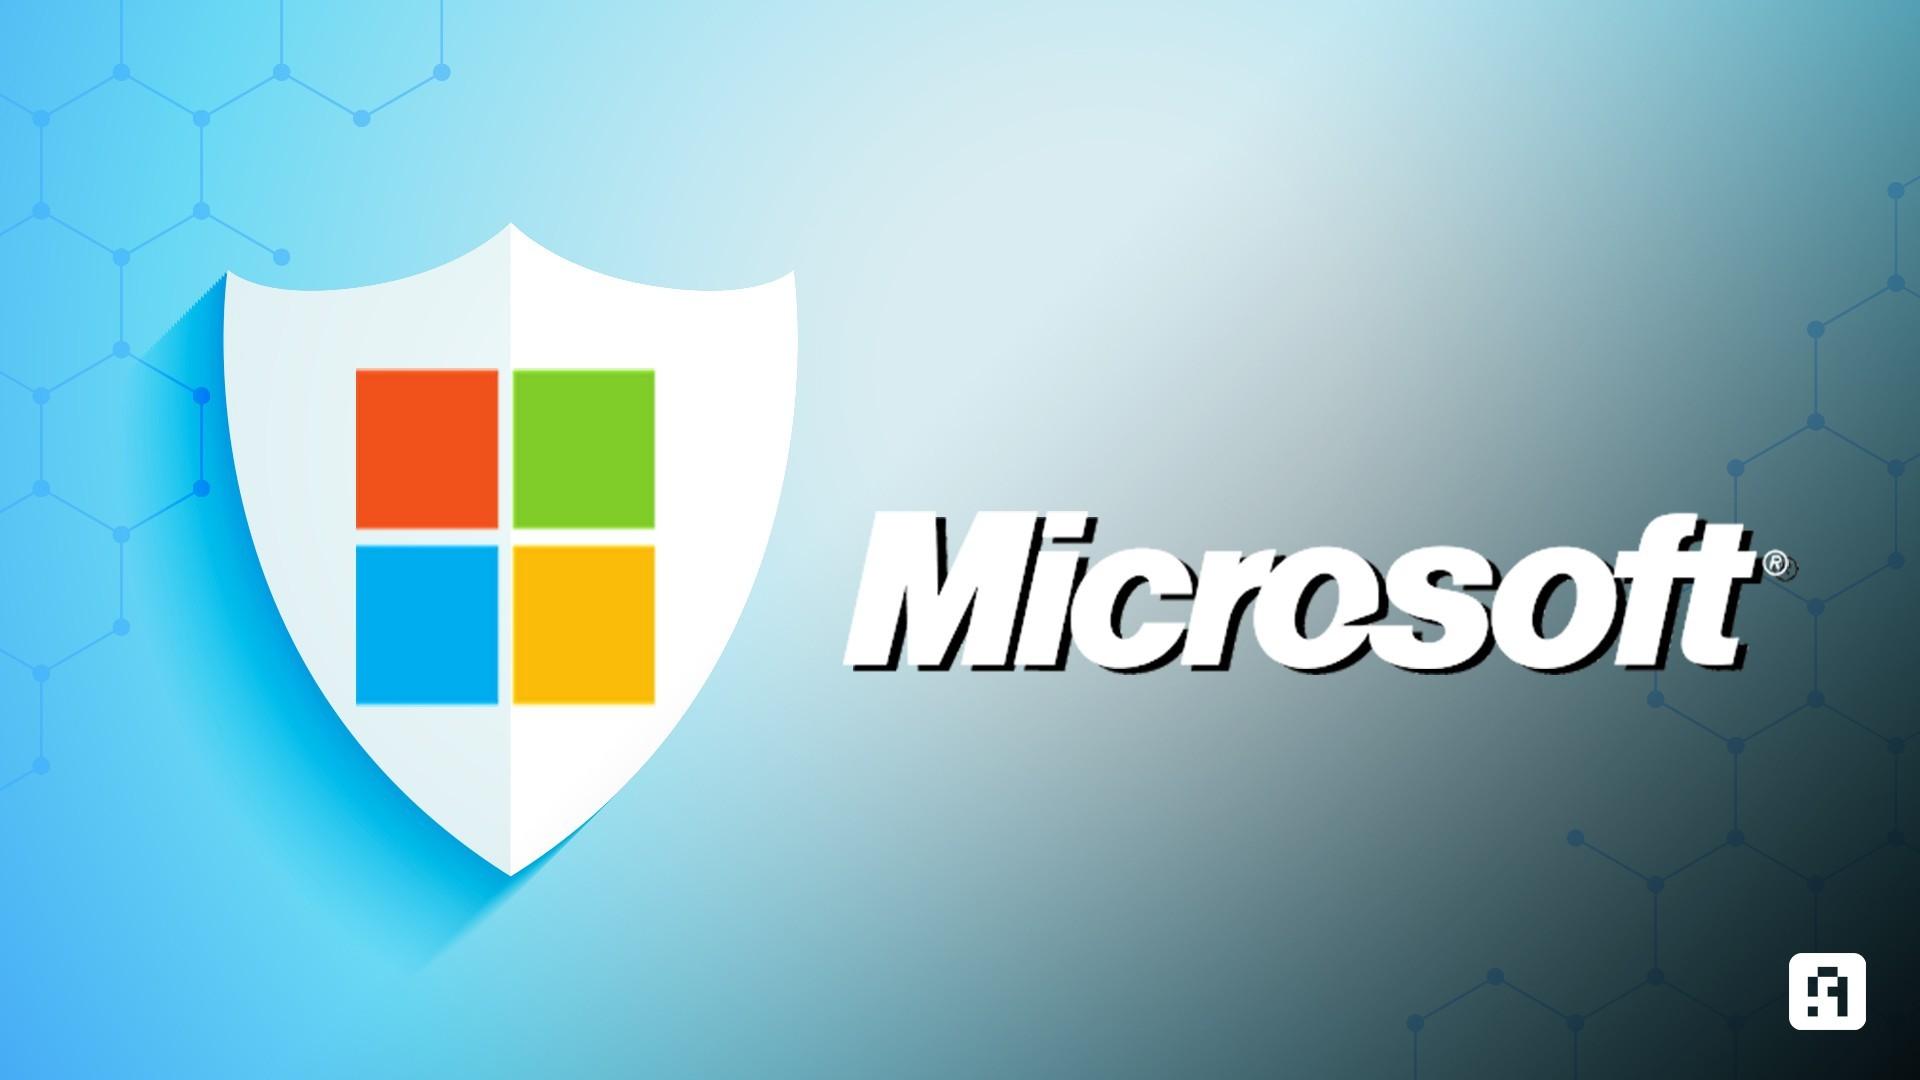 مايكروسوفت عرب هاردوير